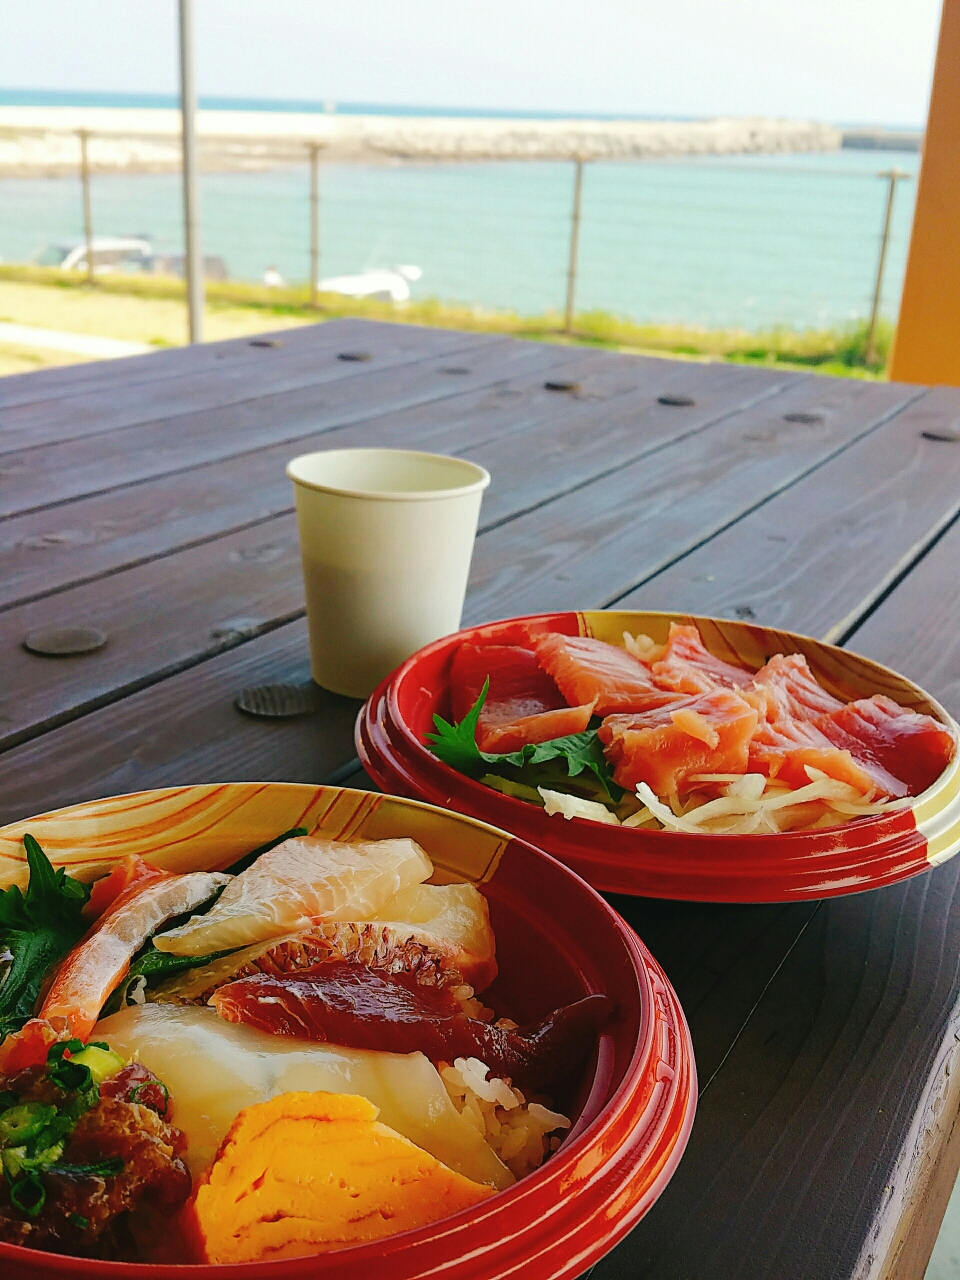 2019 GW 海 海岸 海鮮丼 まぐろ丼 リフレッシュ